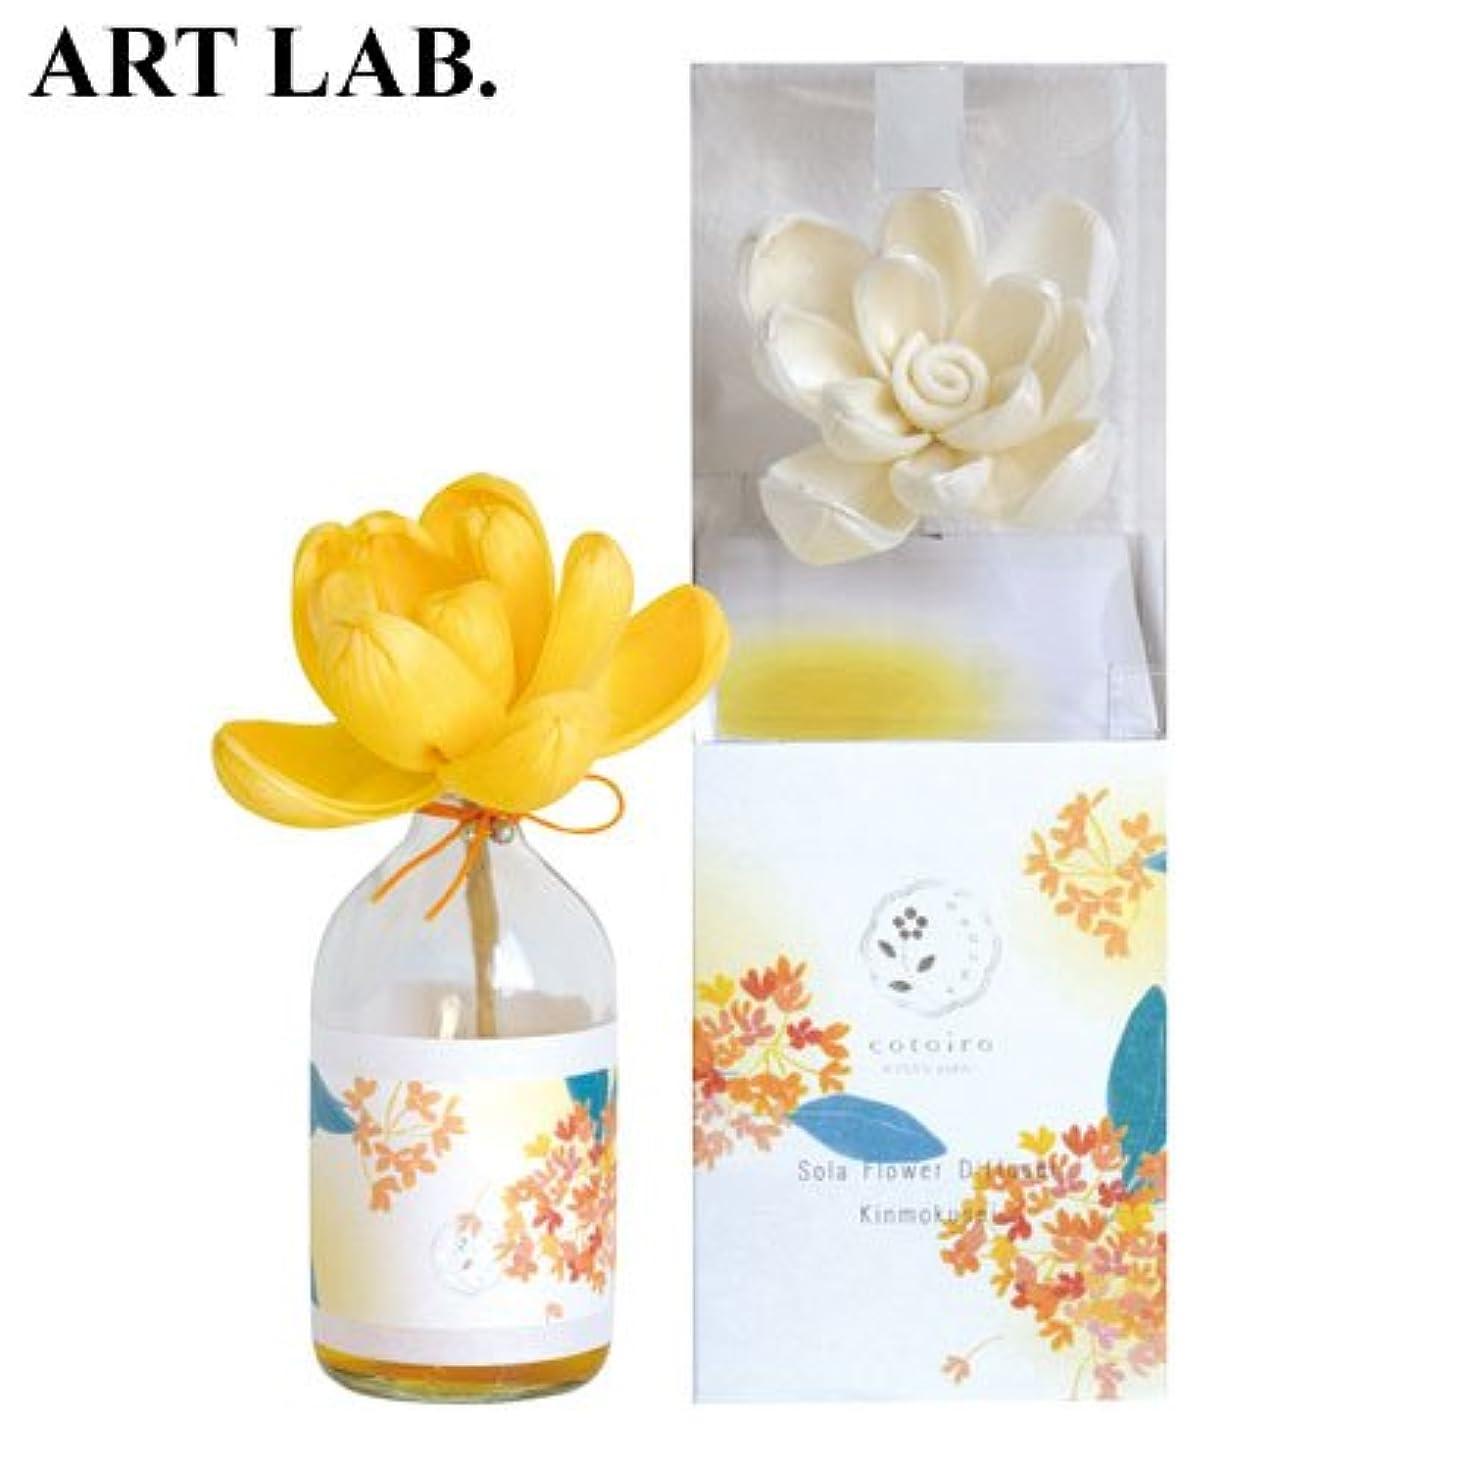 明確に賠償あなたが良くなりますwanokaソラフラワーディフューザー金木犀《果実のような甘い香り》ART LABAroma Diffuser